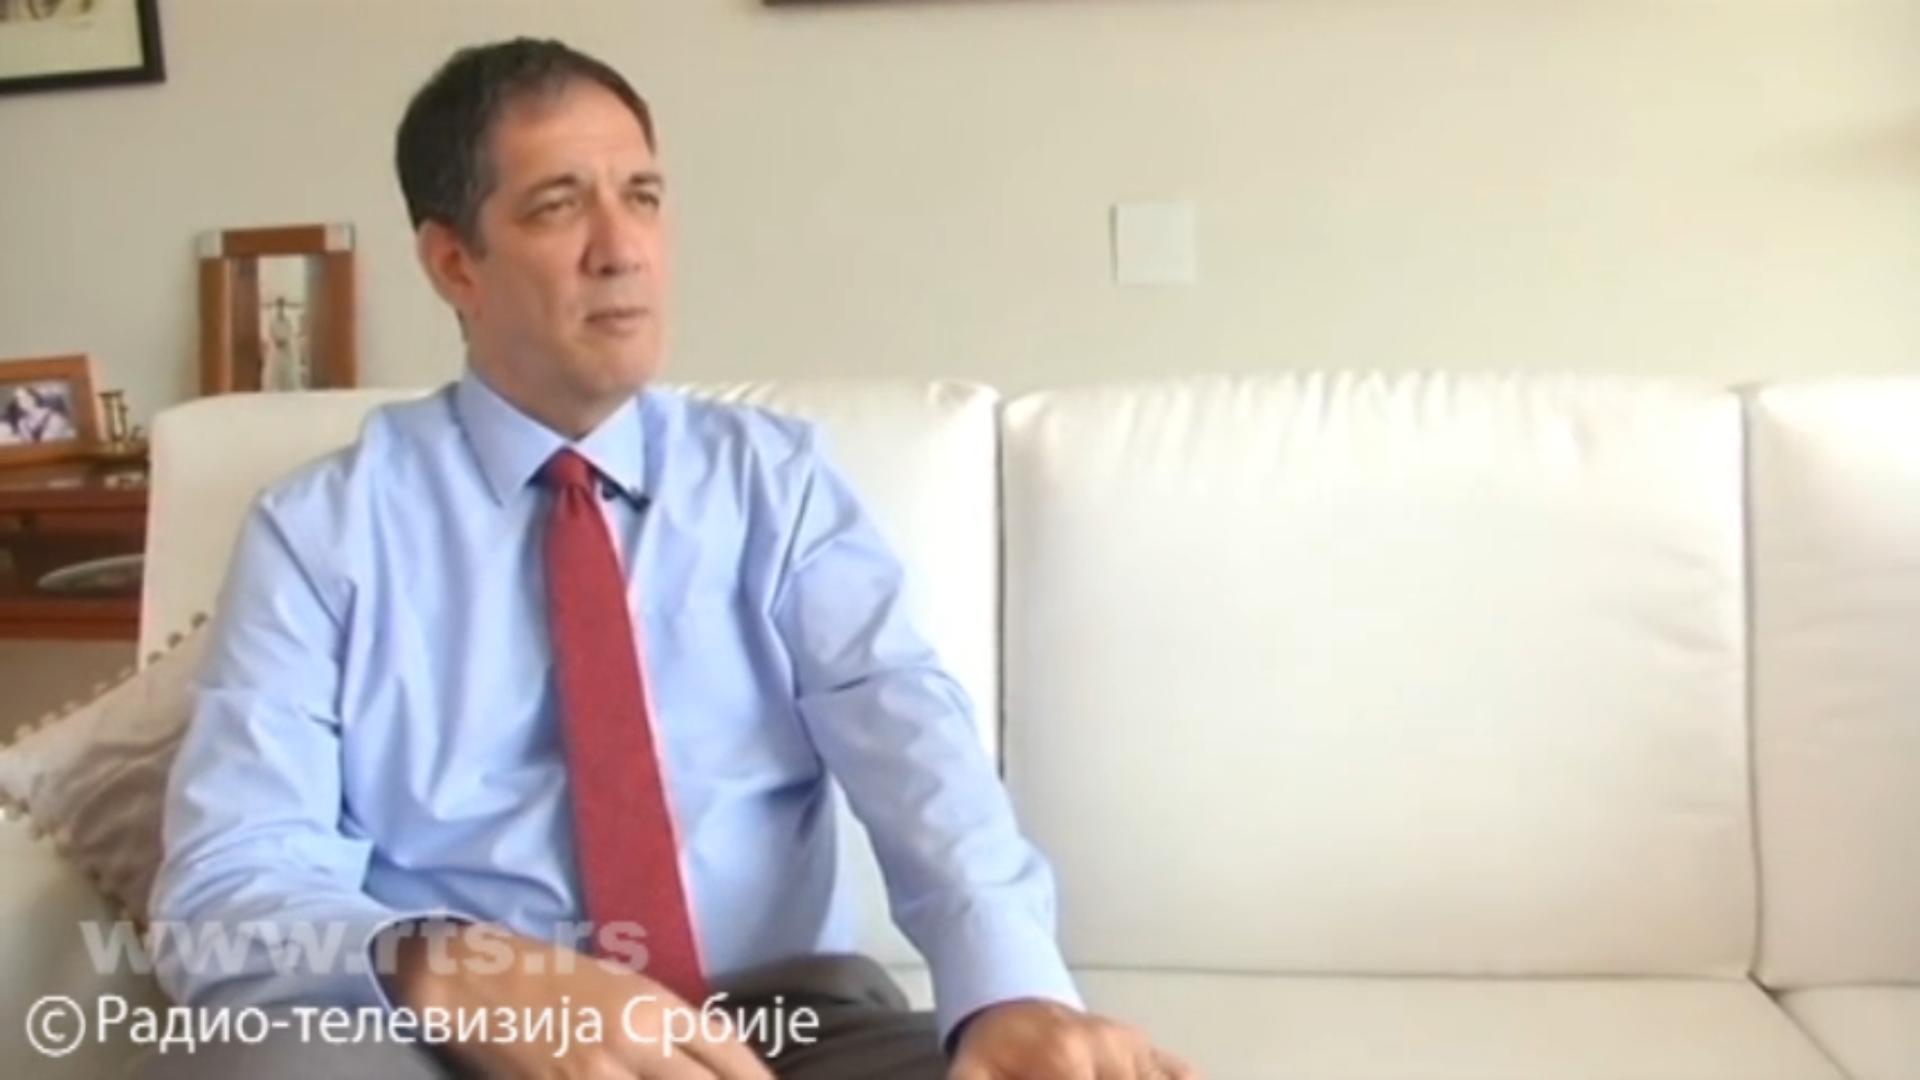 ambasador-izraela-za-rts-verujem-da-priznanje-kosova-nece-uticati-na-snazne-odnose-sa-srbijom